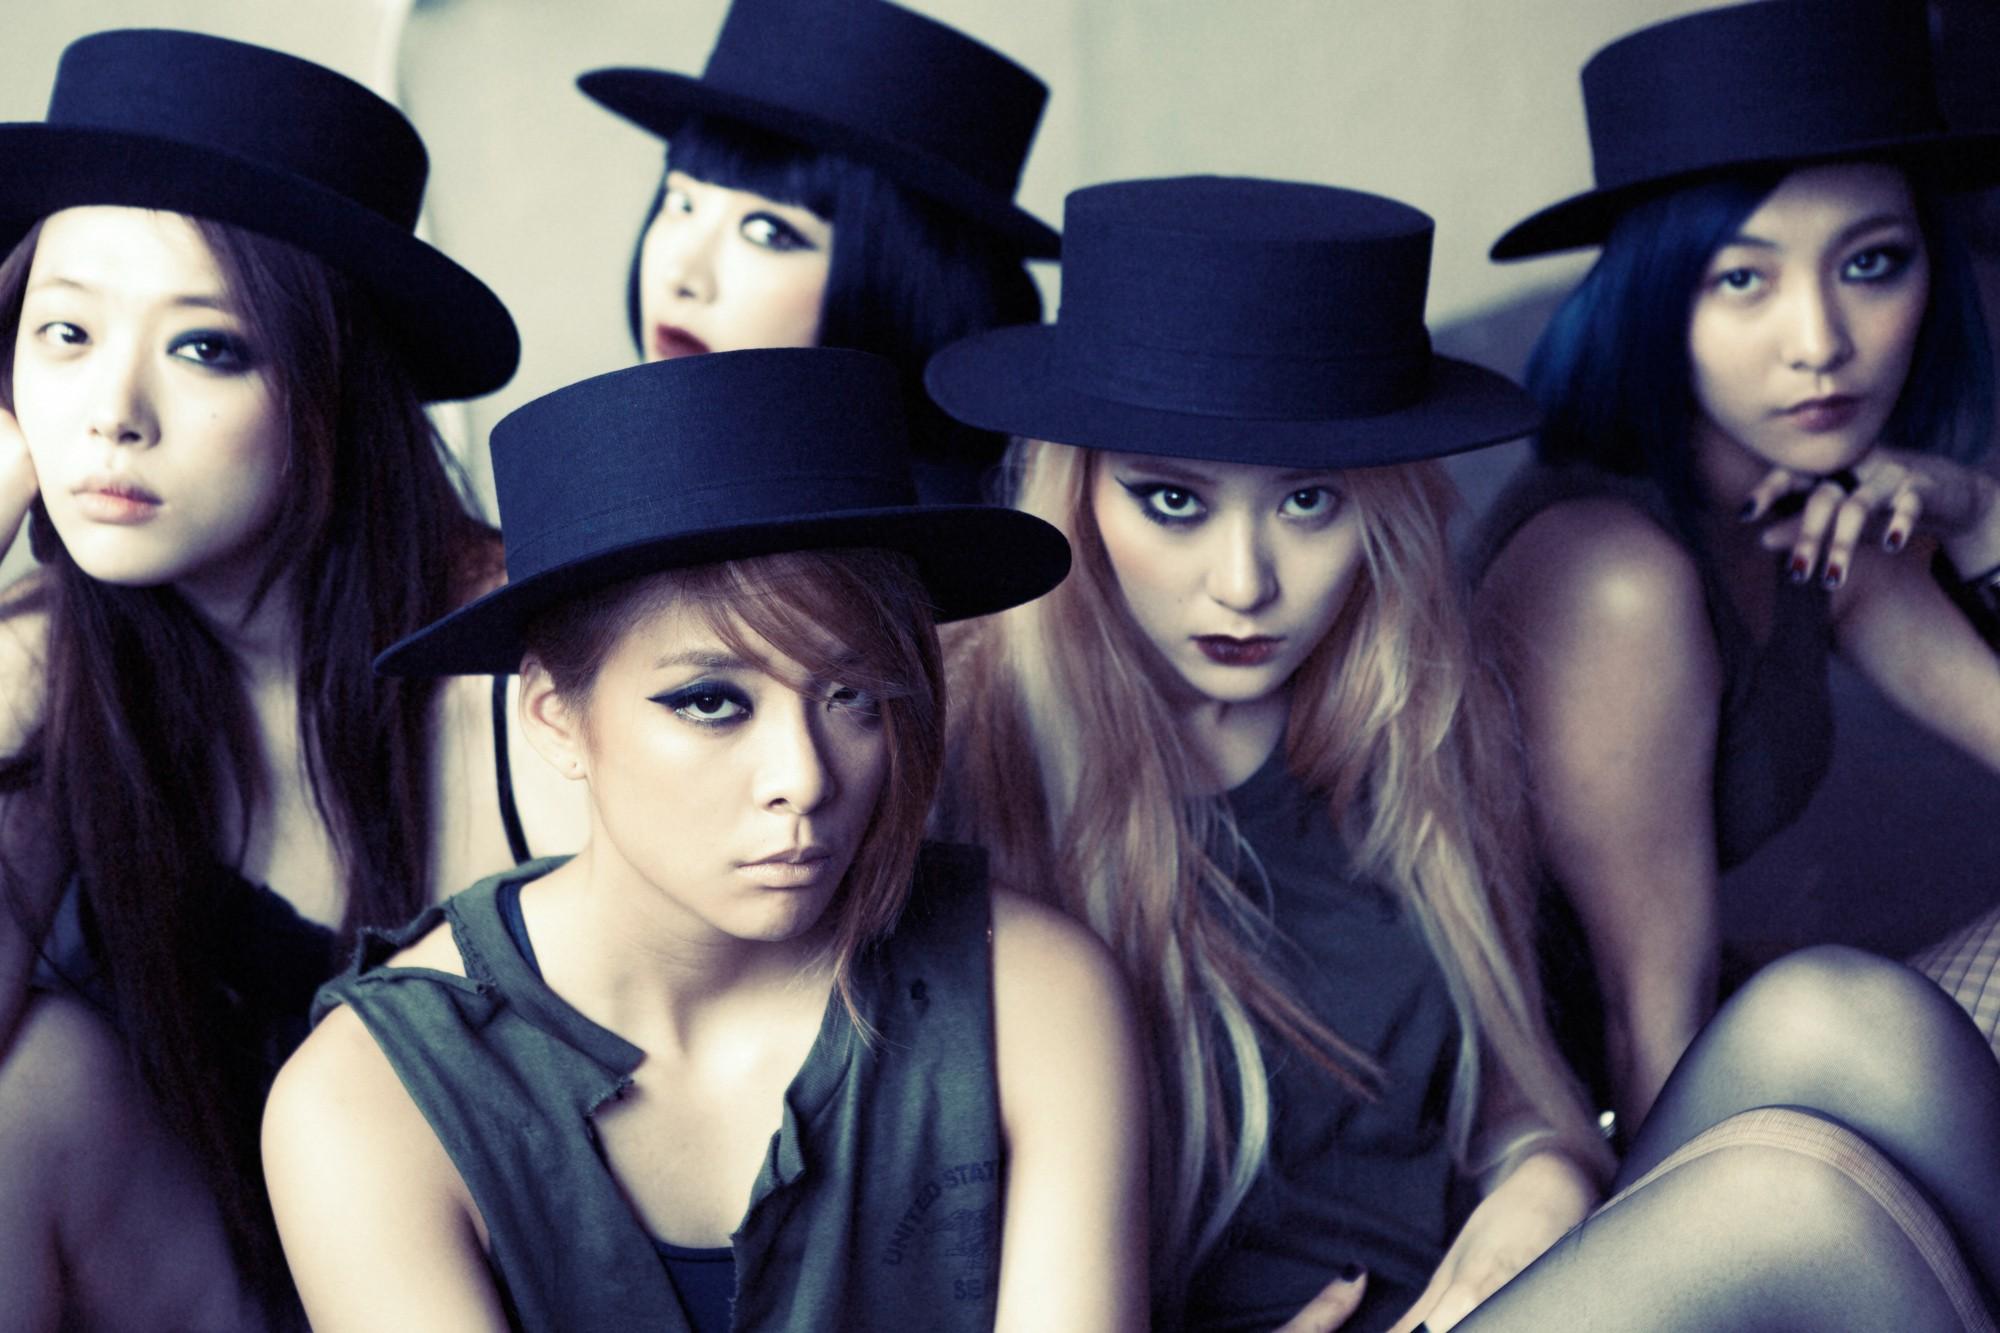 Nhìn lại những concept độc nhất vô nhị dẫn đầu xu hướng này có thể khẳng định: f(x) chính là nhóm nhạc nữ độc đáo nhất Kpop - Ảnh 12.